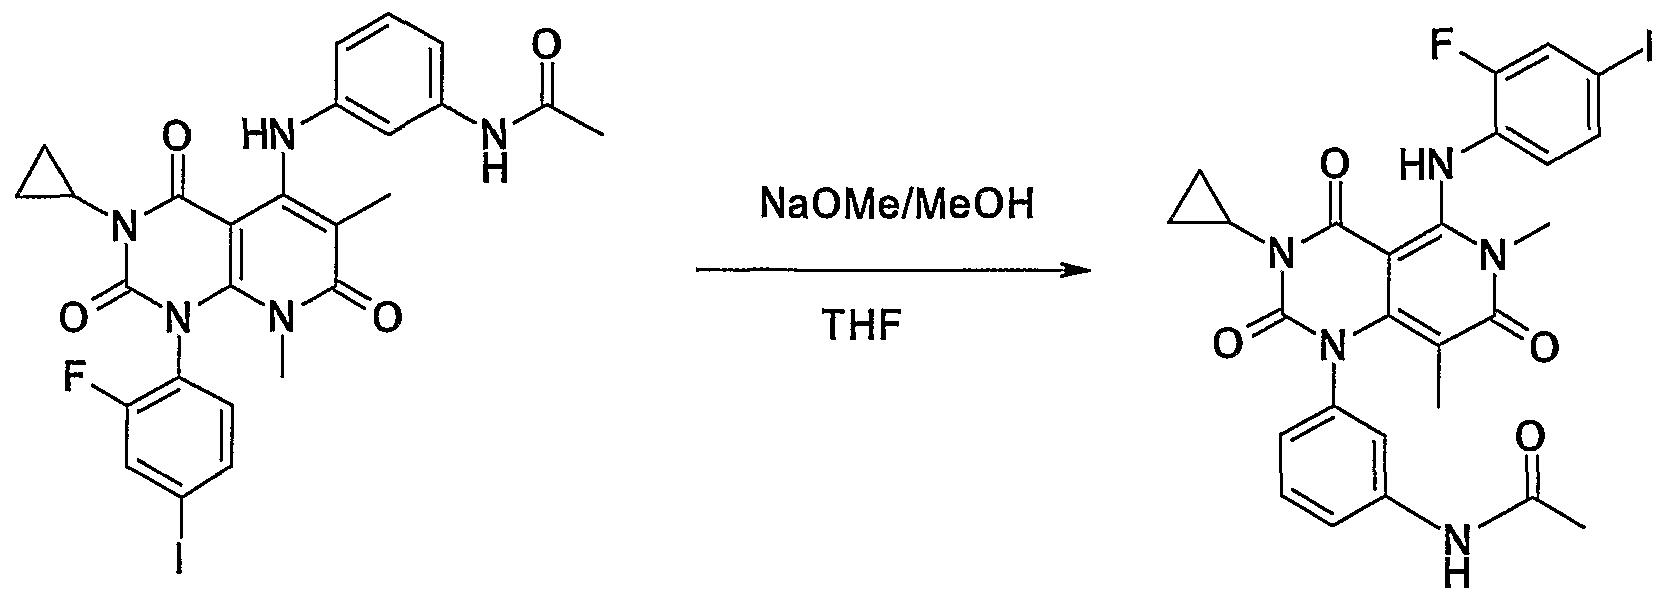 Figure imgf000156_0002